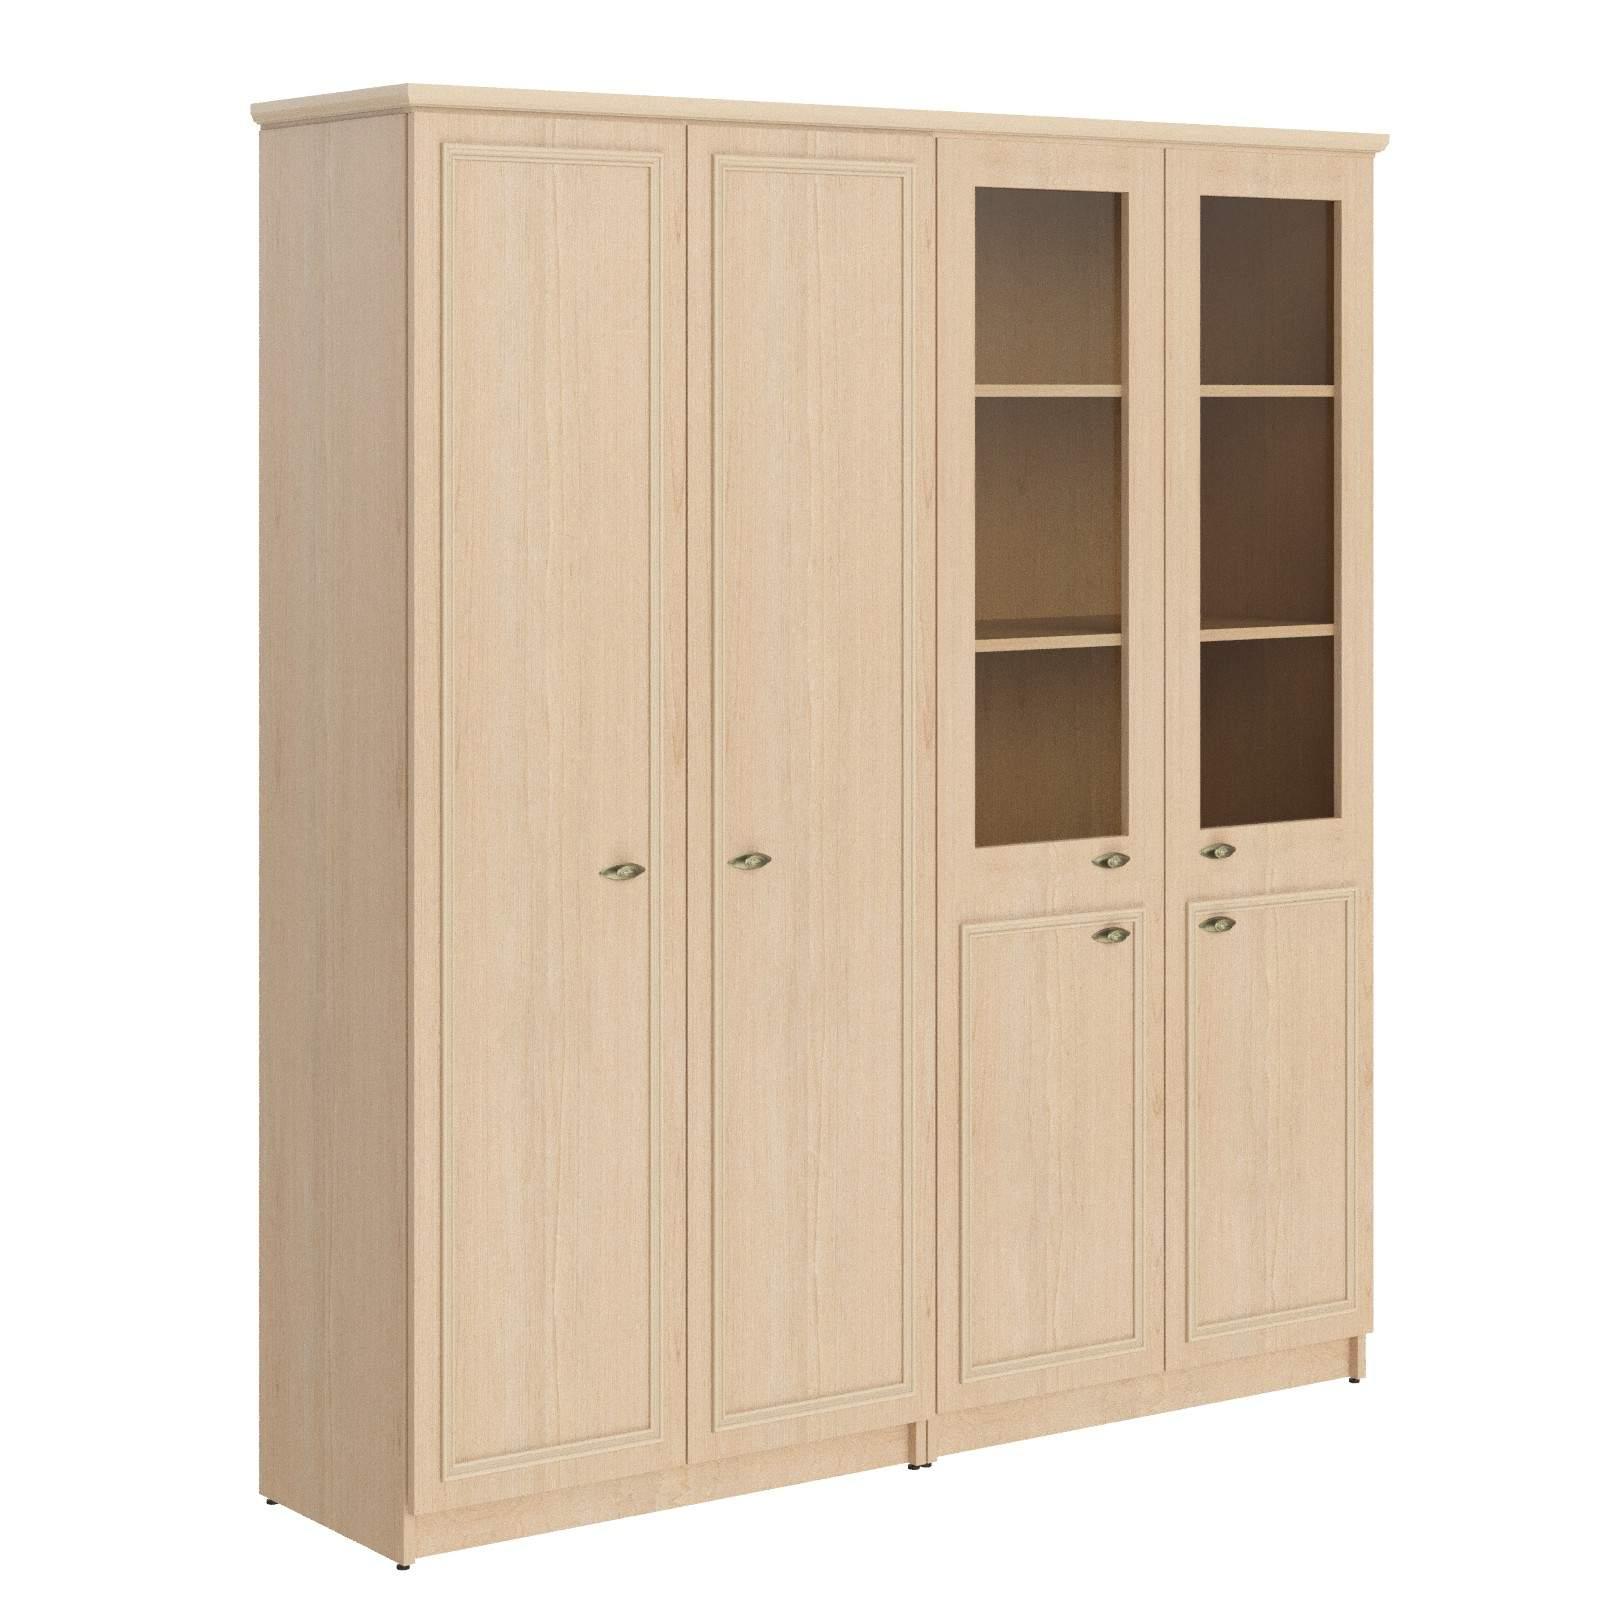 Шкаф двойной закрытый/комбинированный 1808x466x2023